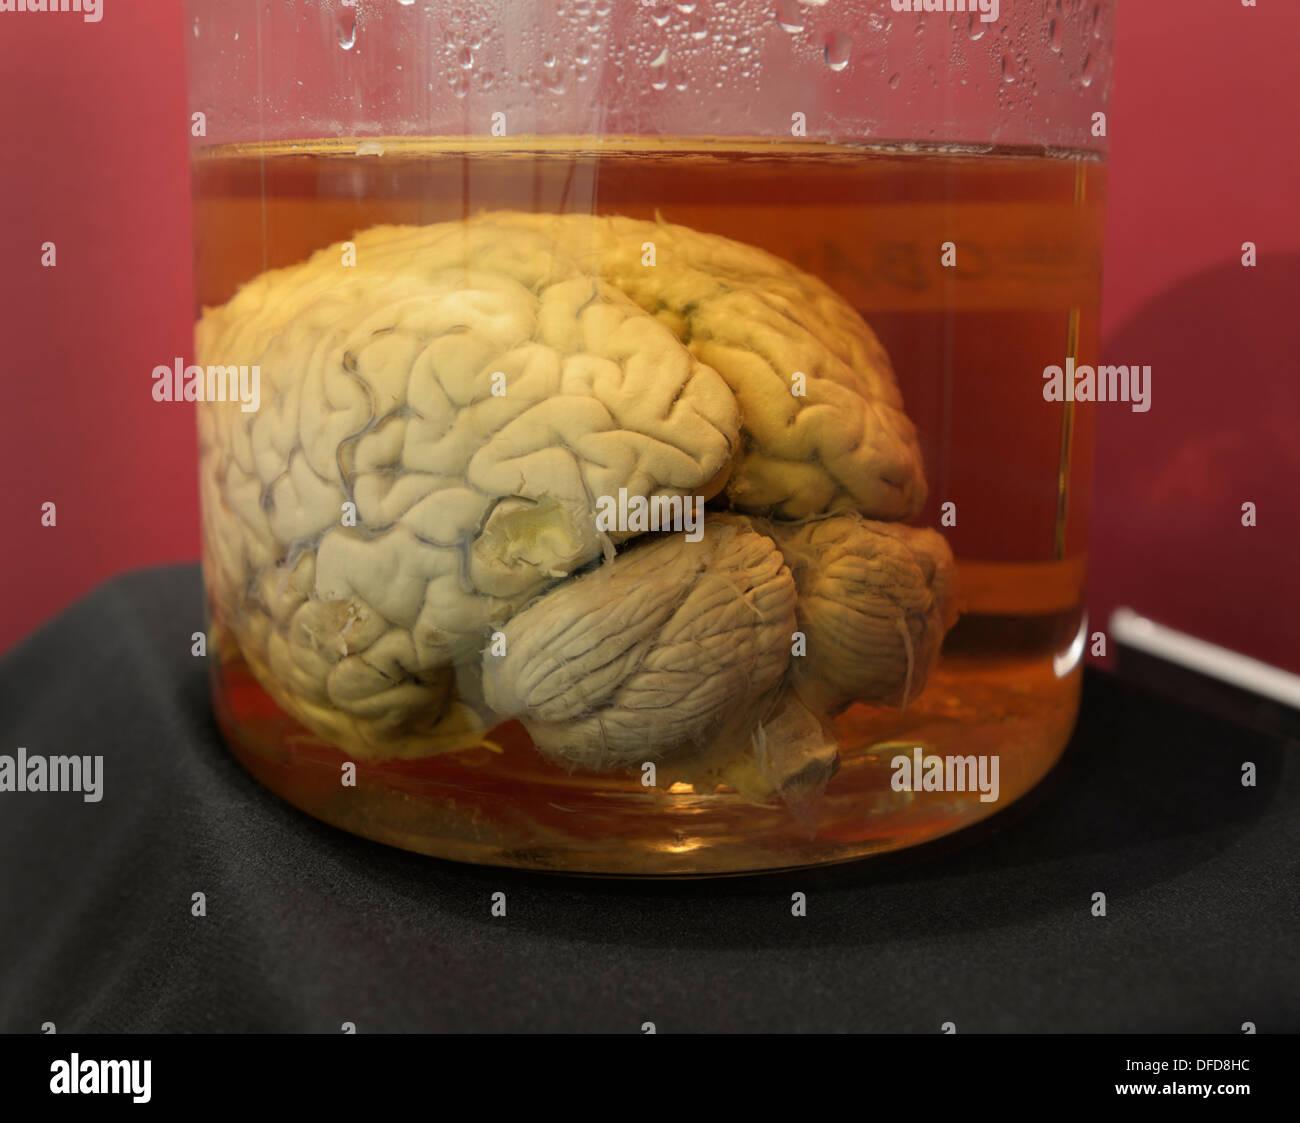 Cerveau humain dans un pot, de l'Université Cornell. Le cerveau fait partie de la Collection du cerveau Wilder Photo Stock